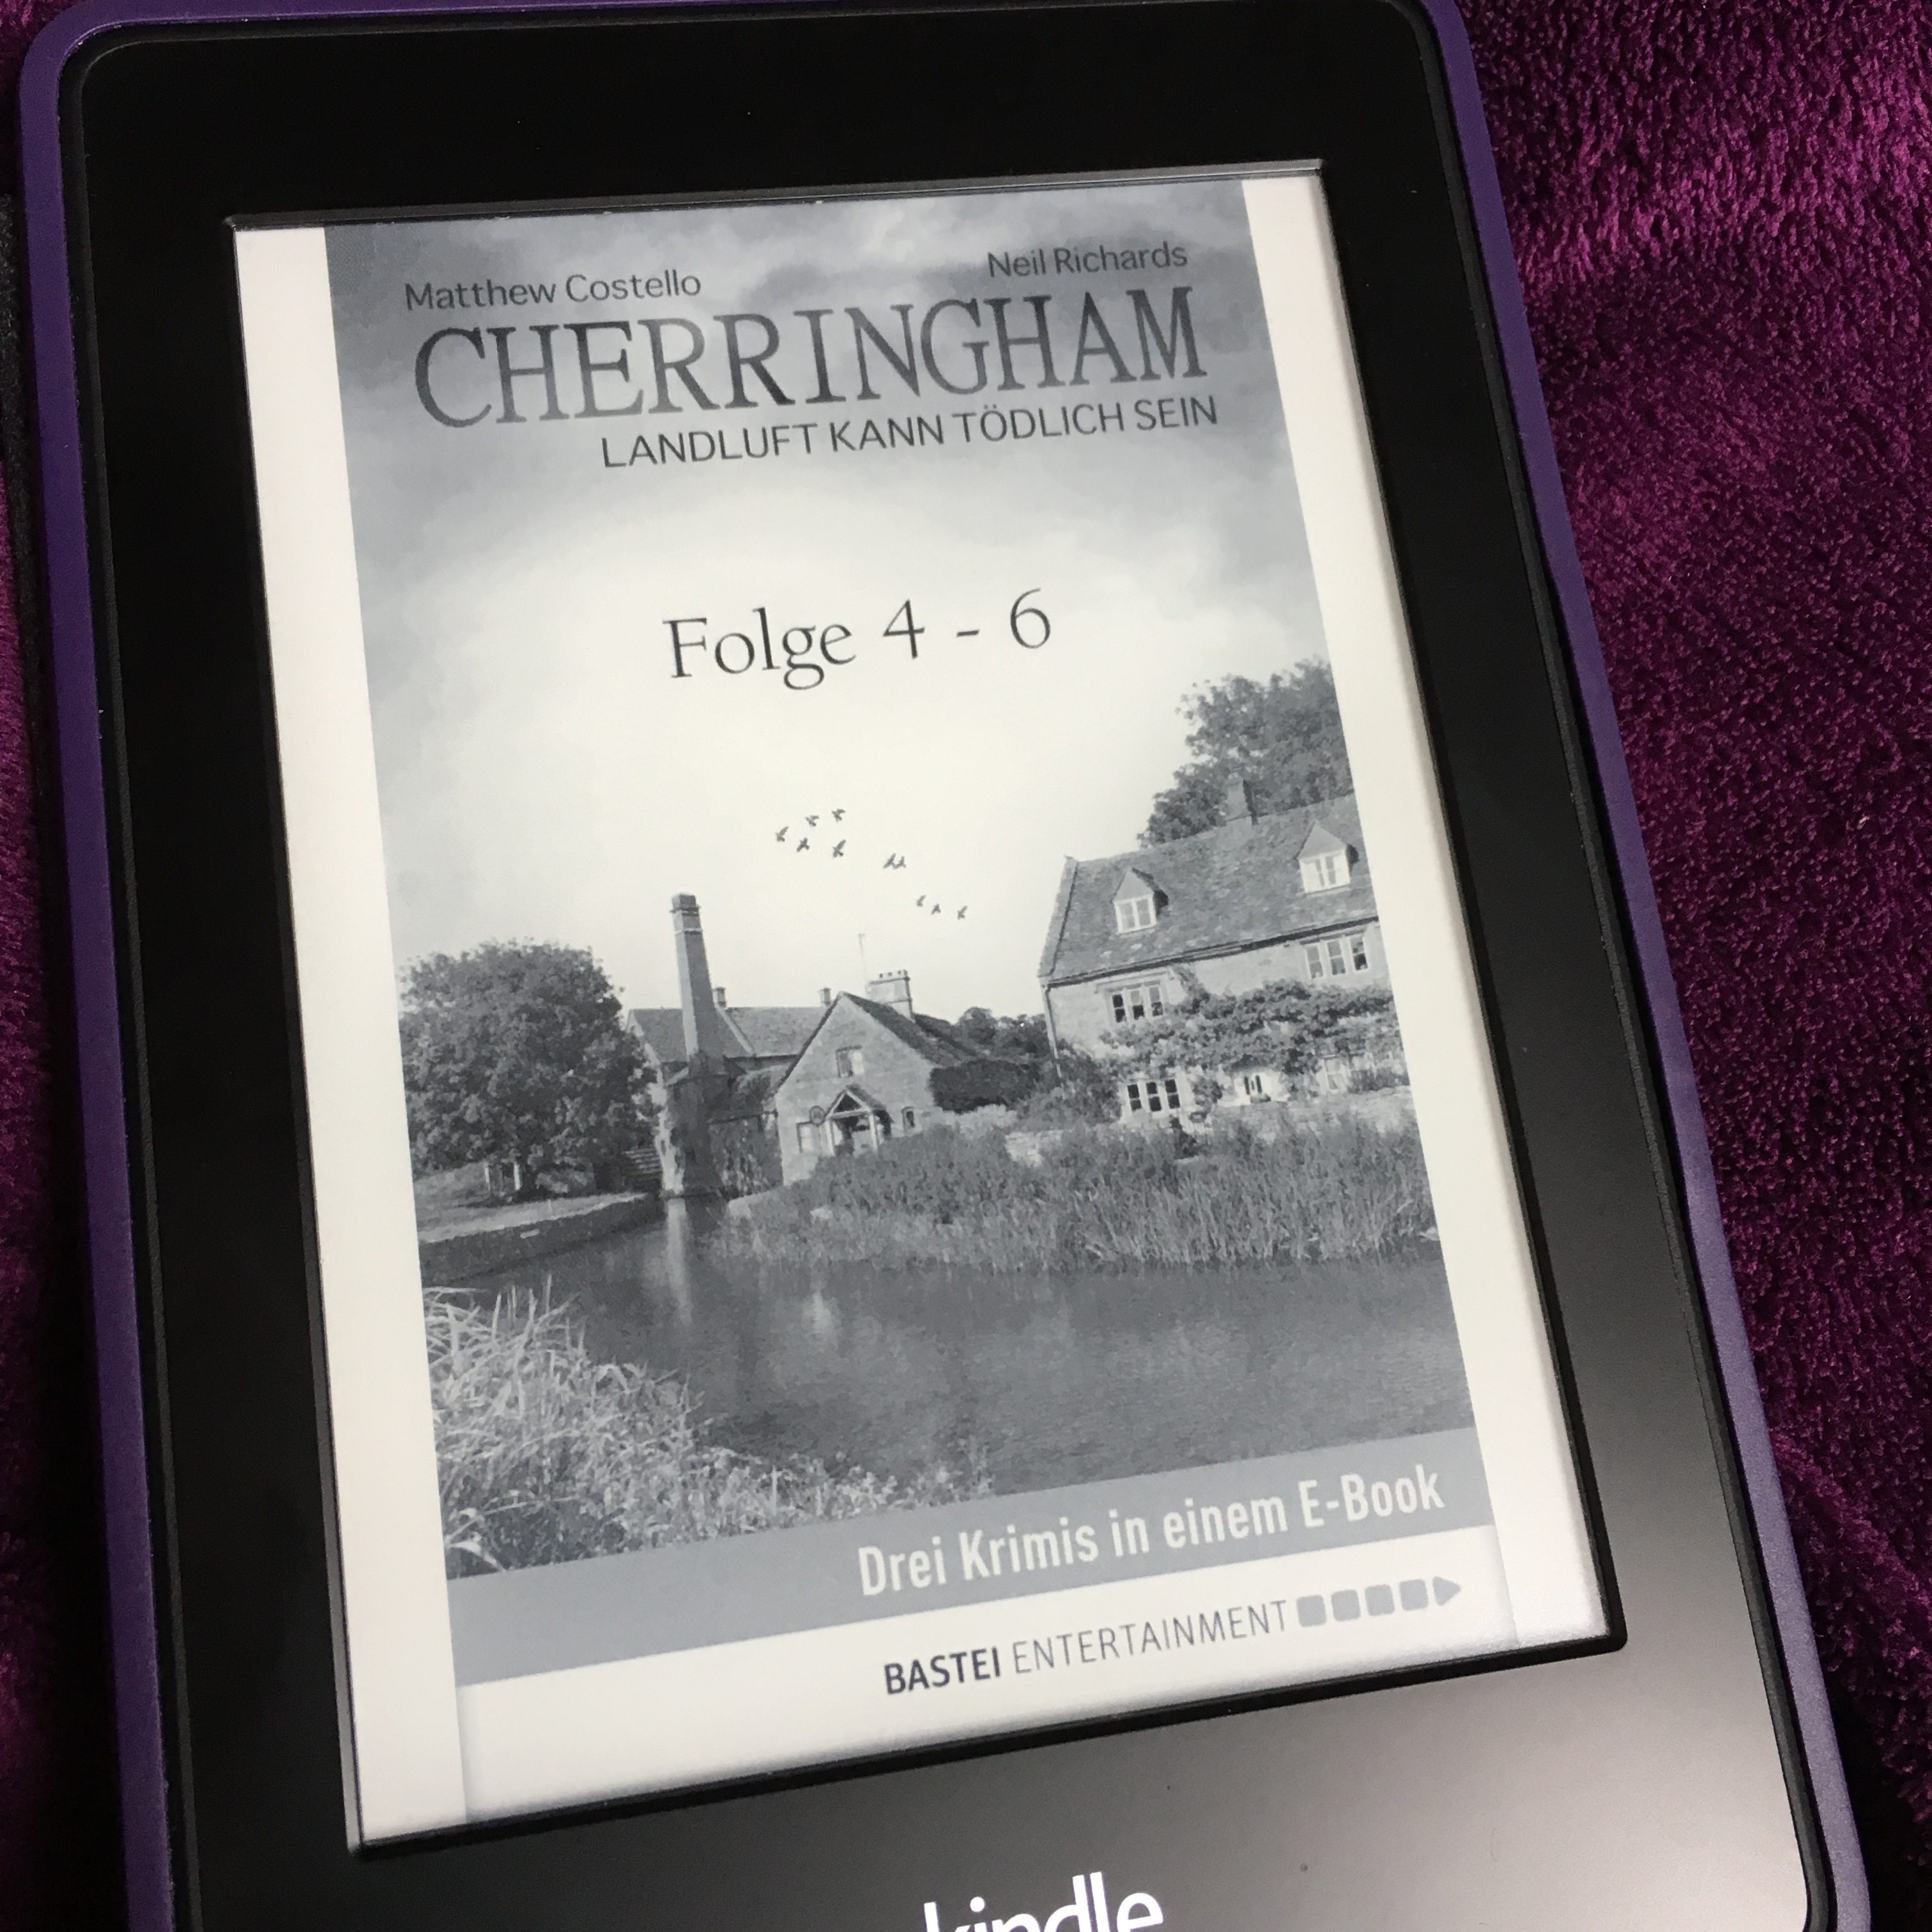 Cherringham Folge 4-6